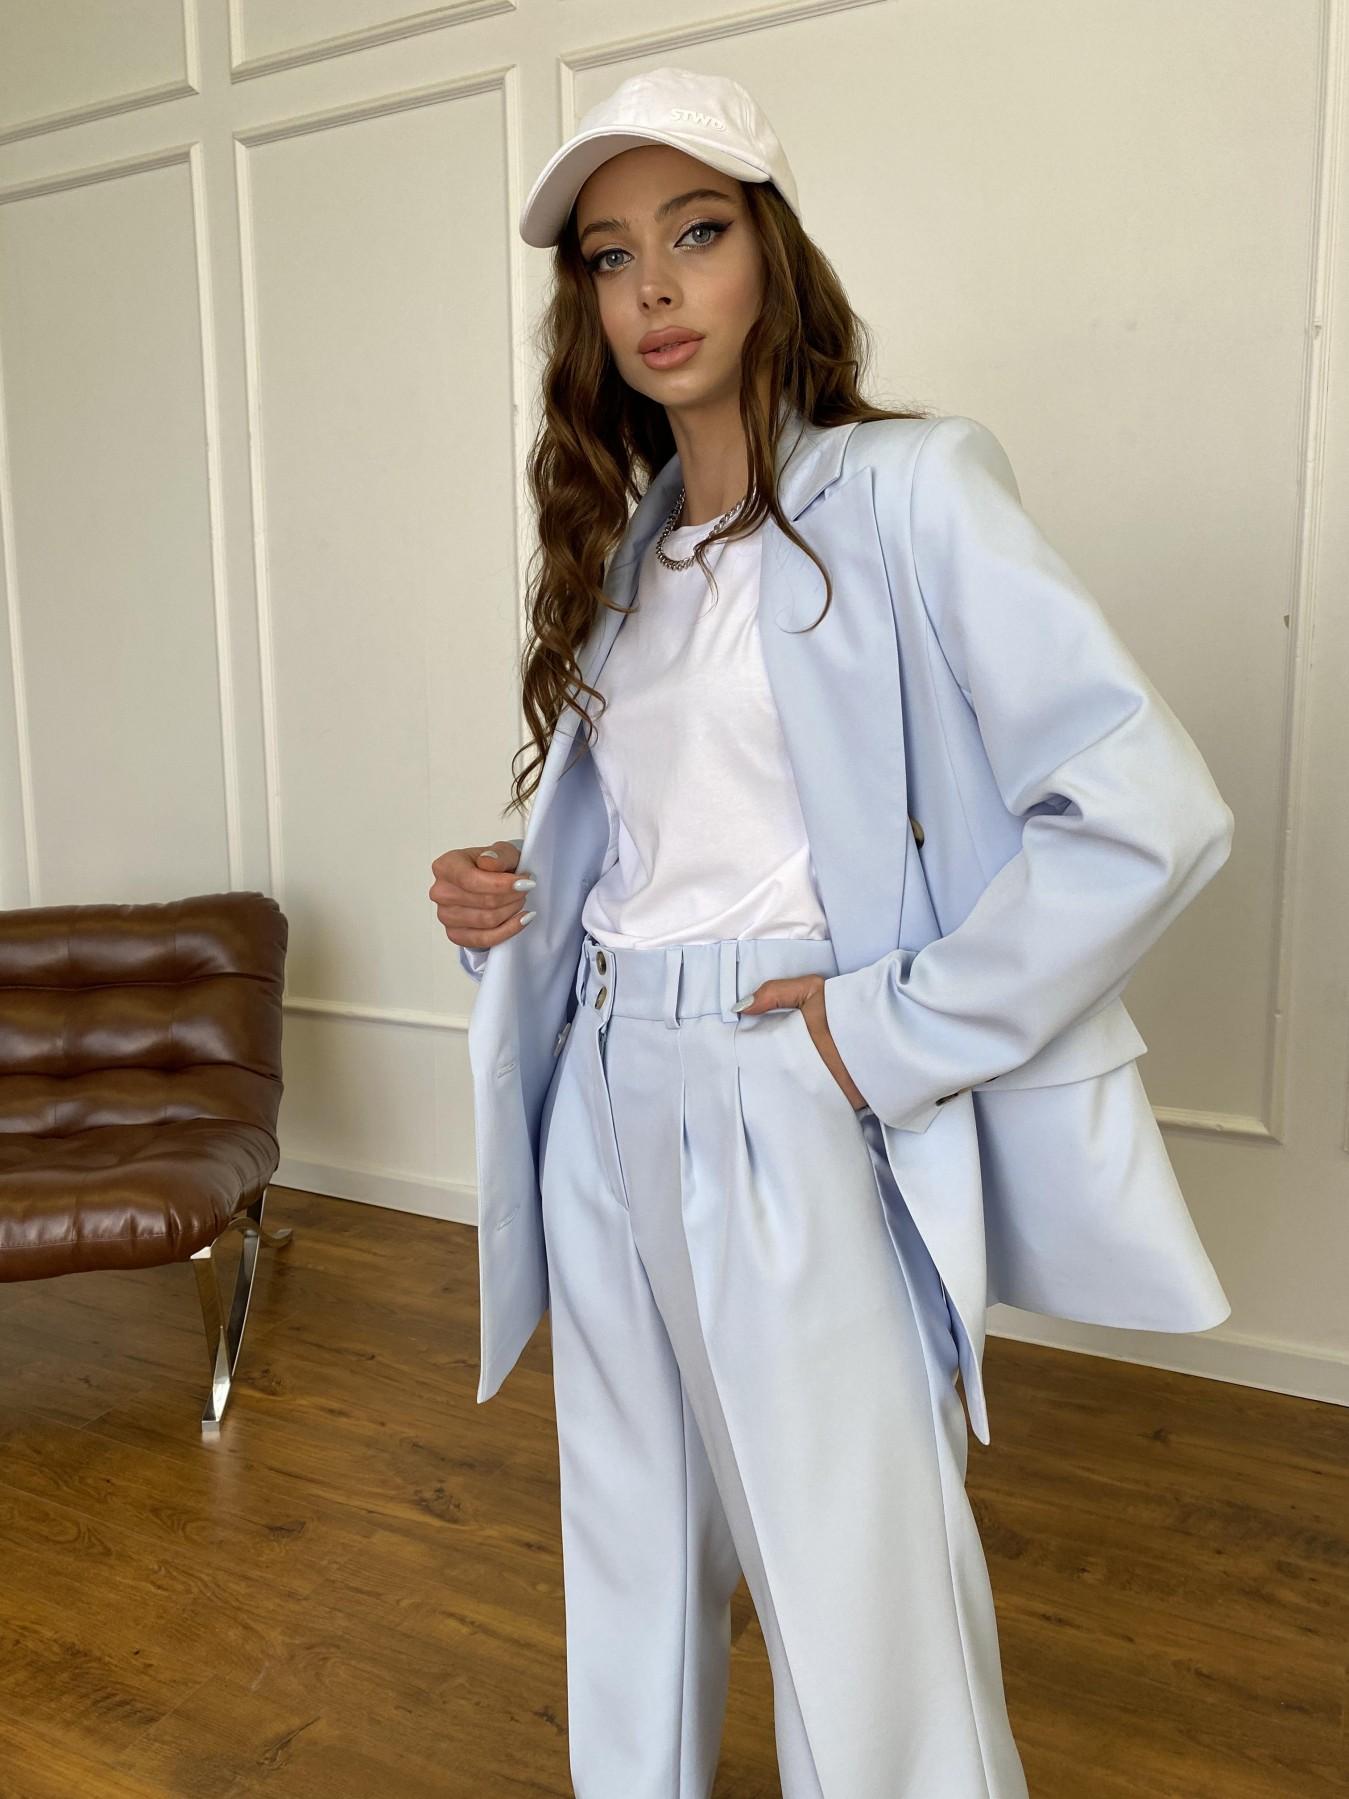 Белисимо жакет из костюмной ткани  стрейч 11192 АРТ. 47697 Цвет: Голубой - фото 4, интернет магазин tm-modus.ru